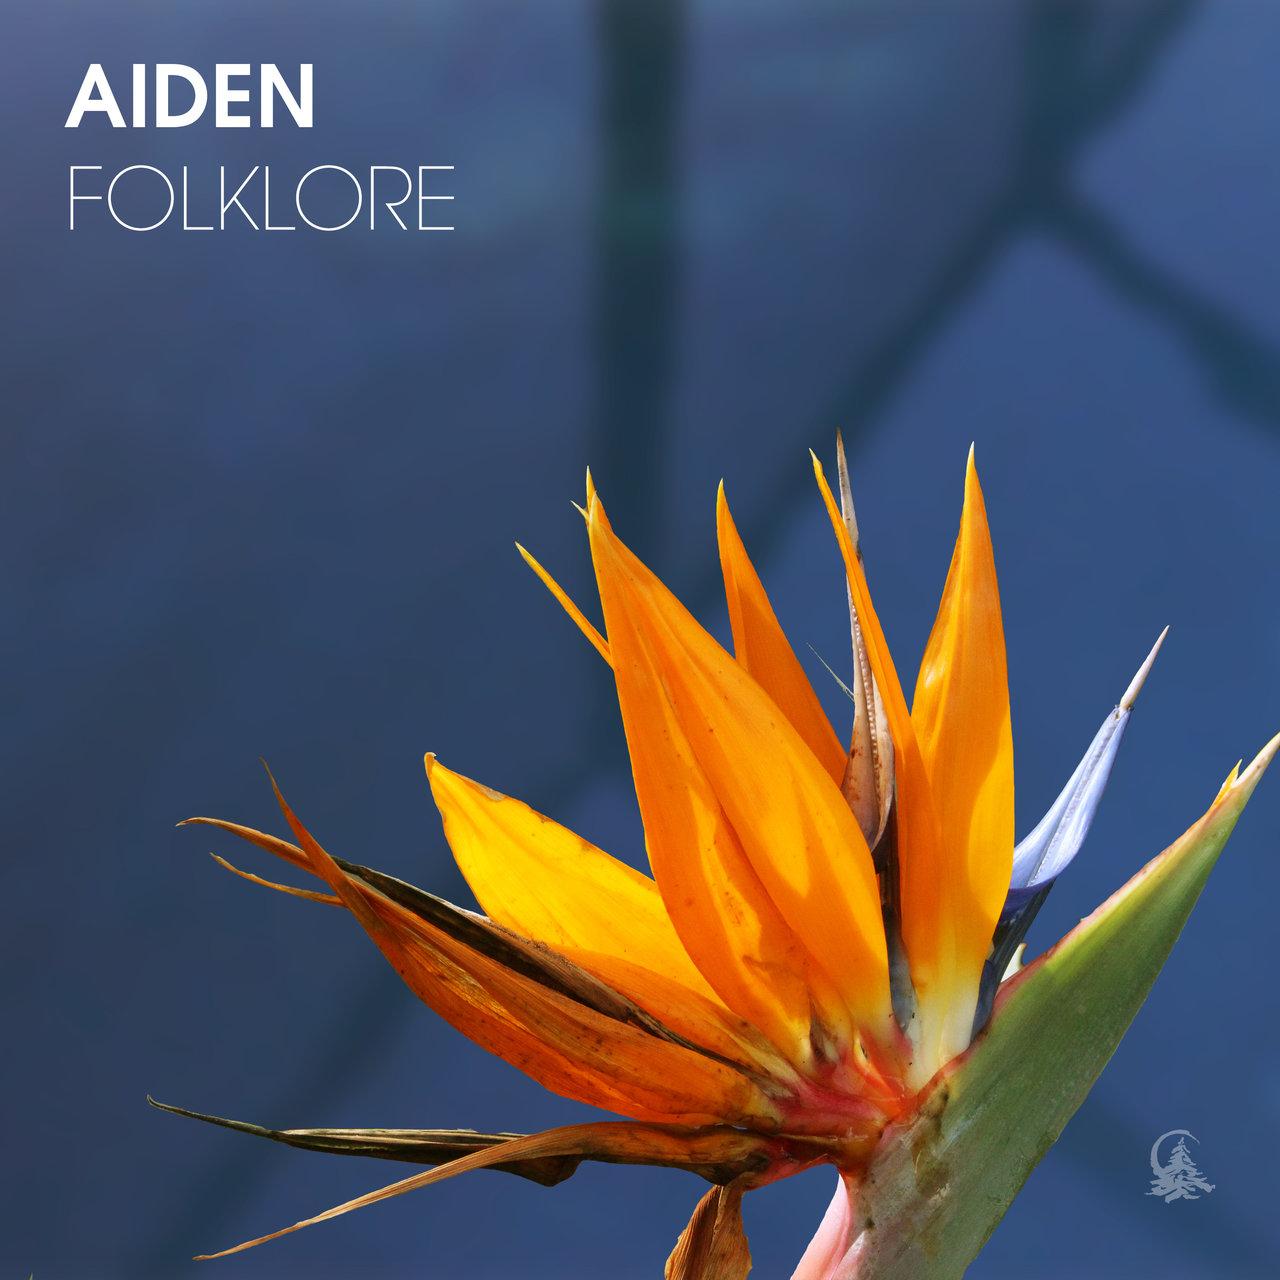 TIDAL: Listen to Aiden on TIDAL